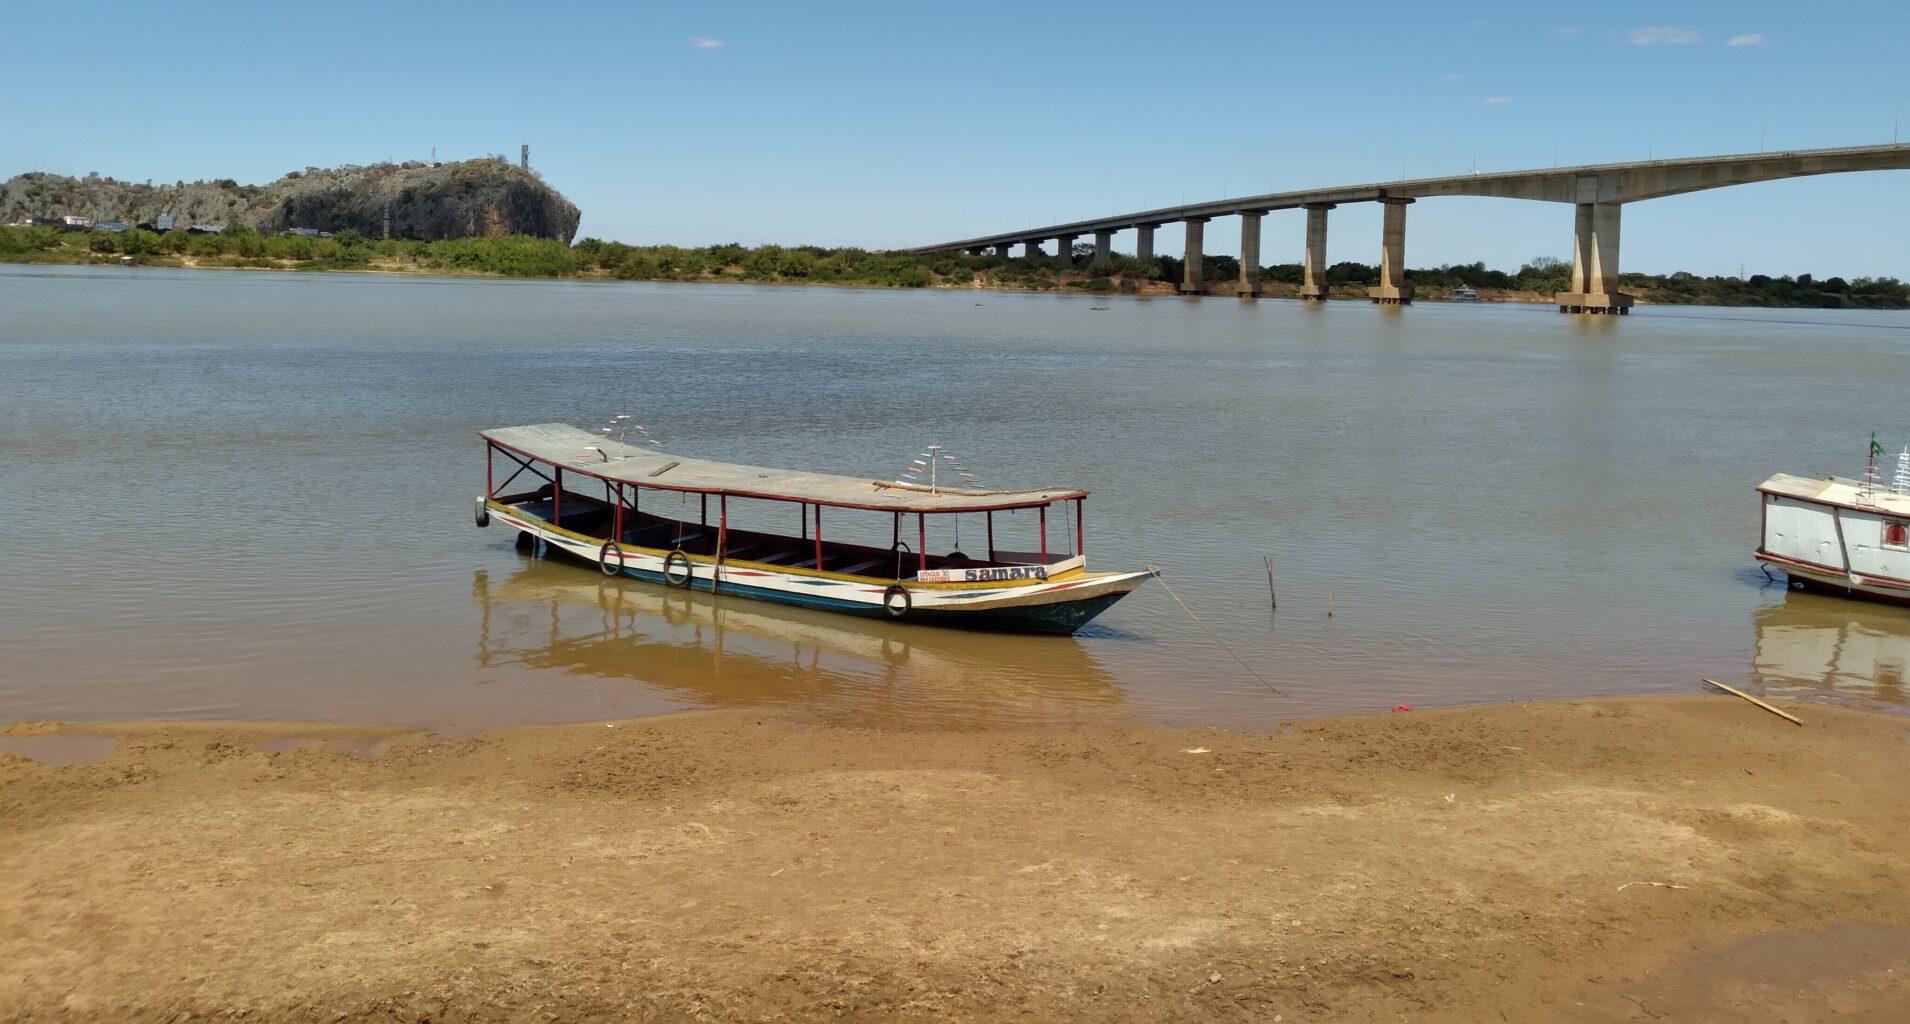 Bom Jesus da Lapa/BA: Mesmo com ocorrência de chuvas abaixo da média, Rio São Francisco inicia o mês de setembro com o nível acima do normal